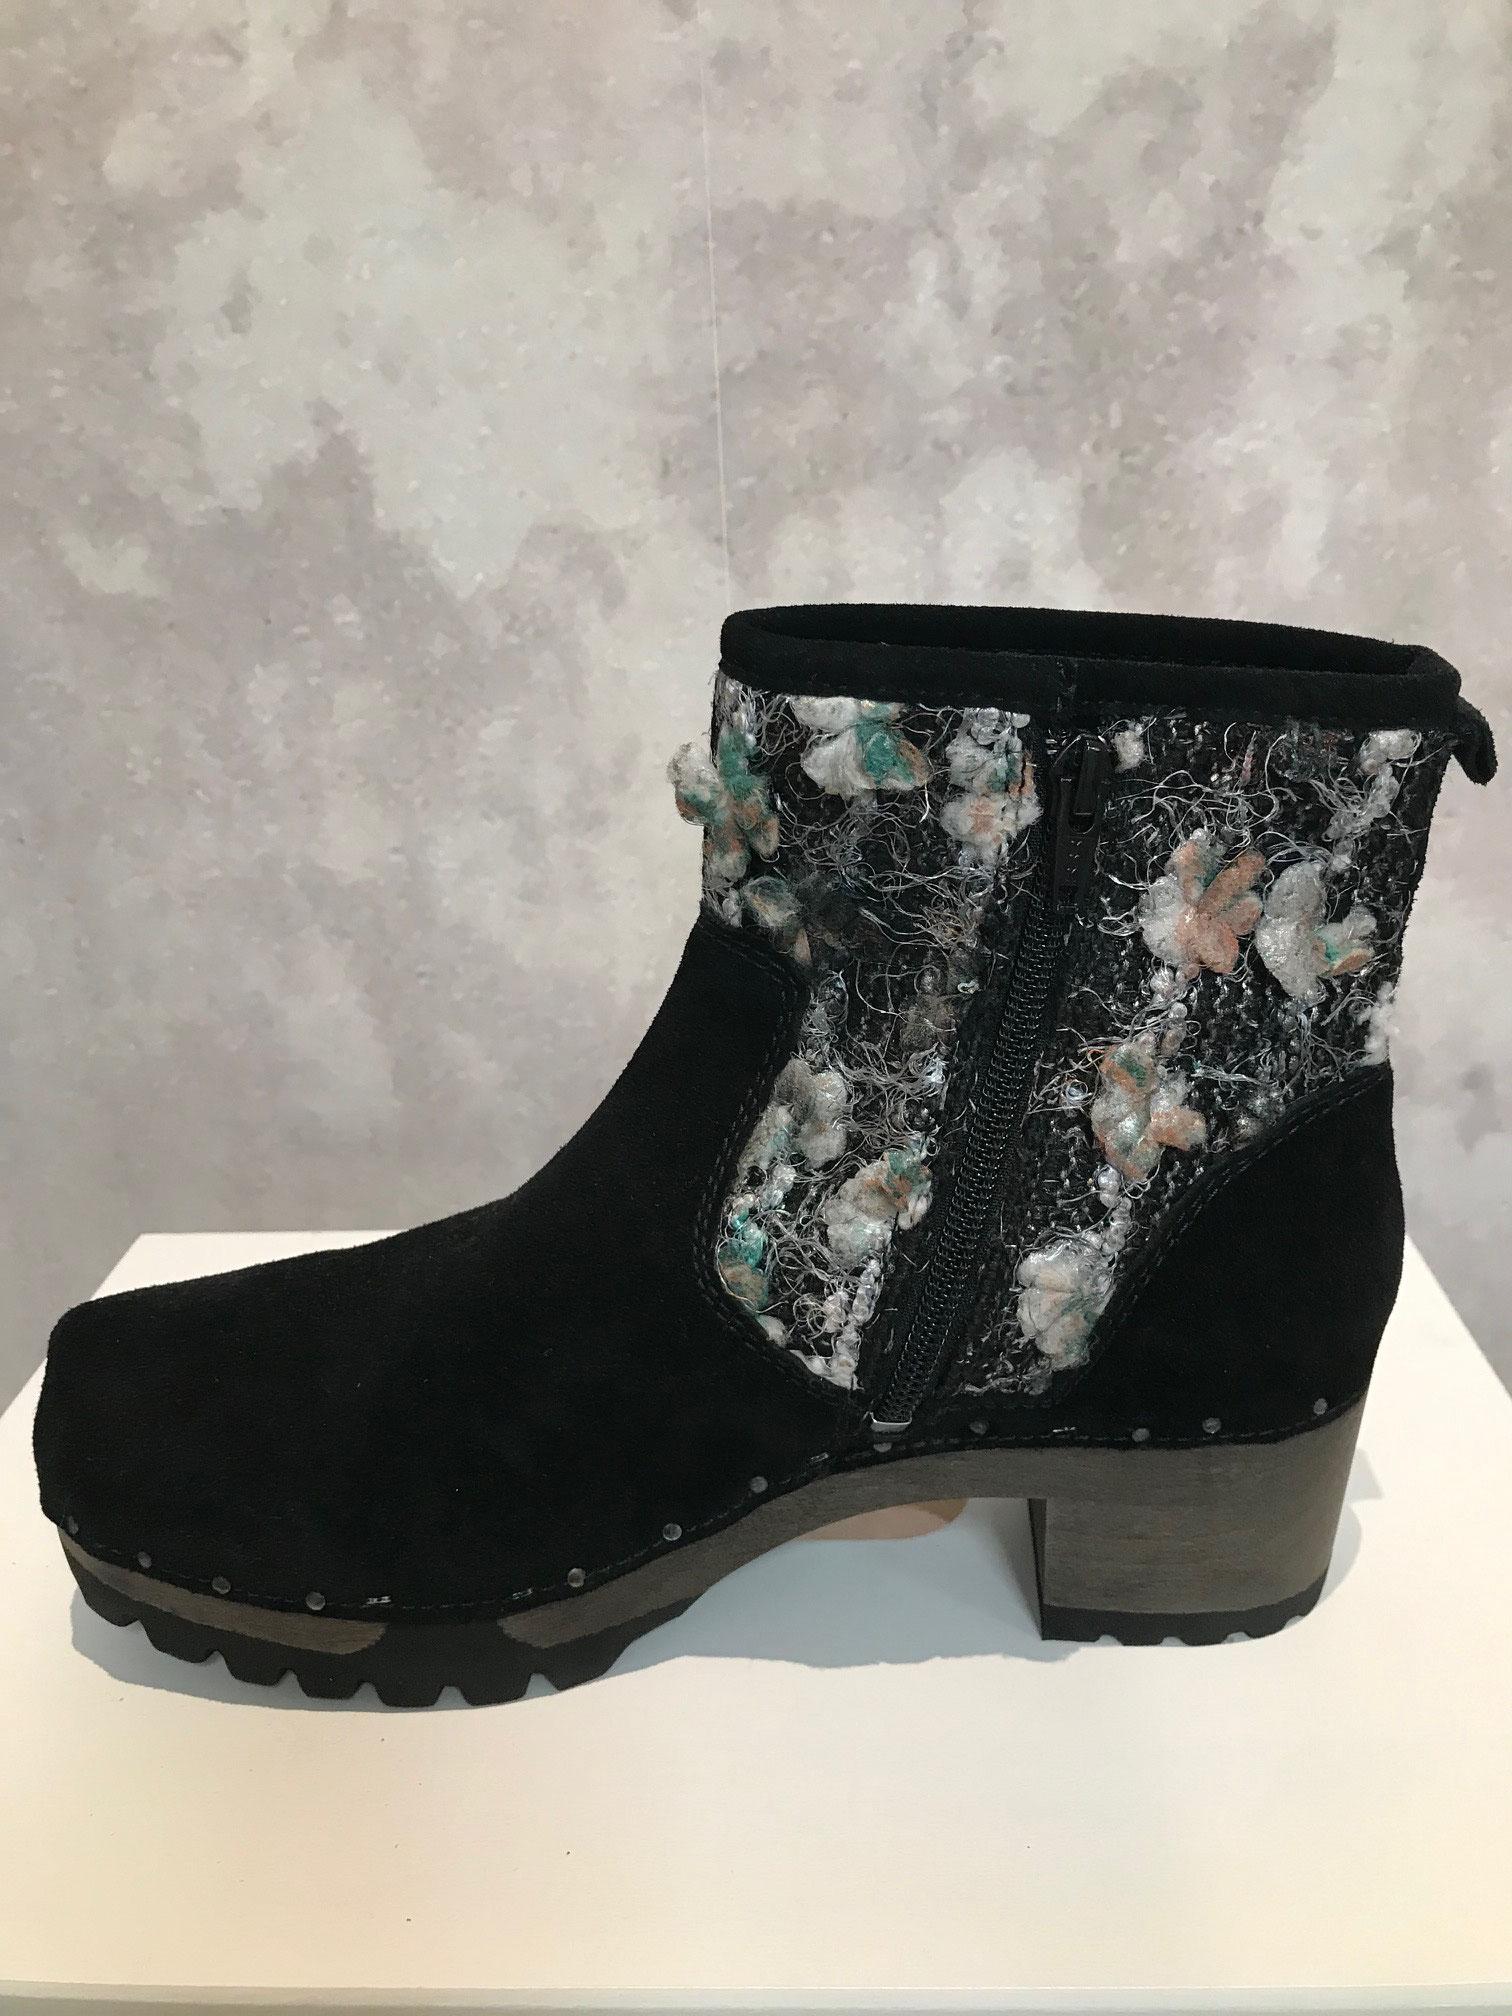 ILEANA Bailey Strick schwarz, Größen 37 / 38 / 39,            UVP 199,95, Sale 100,00 Euro